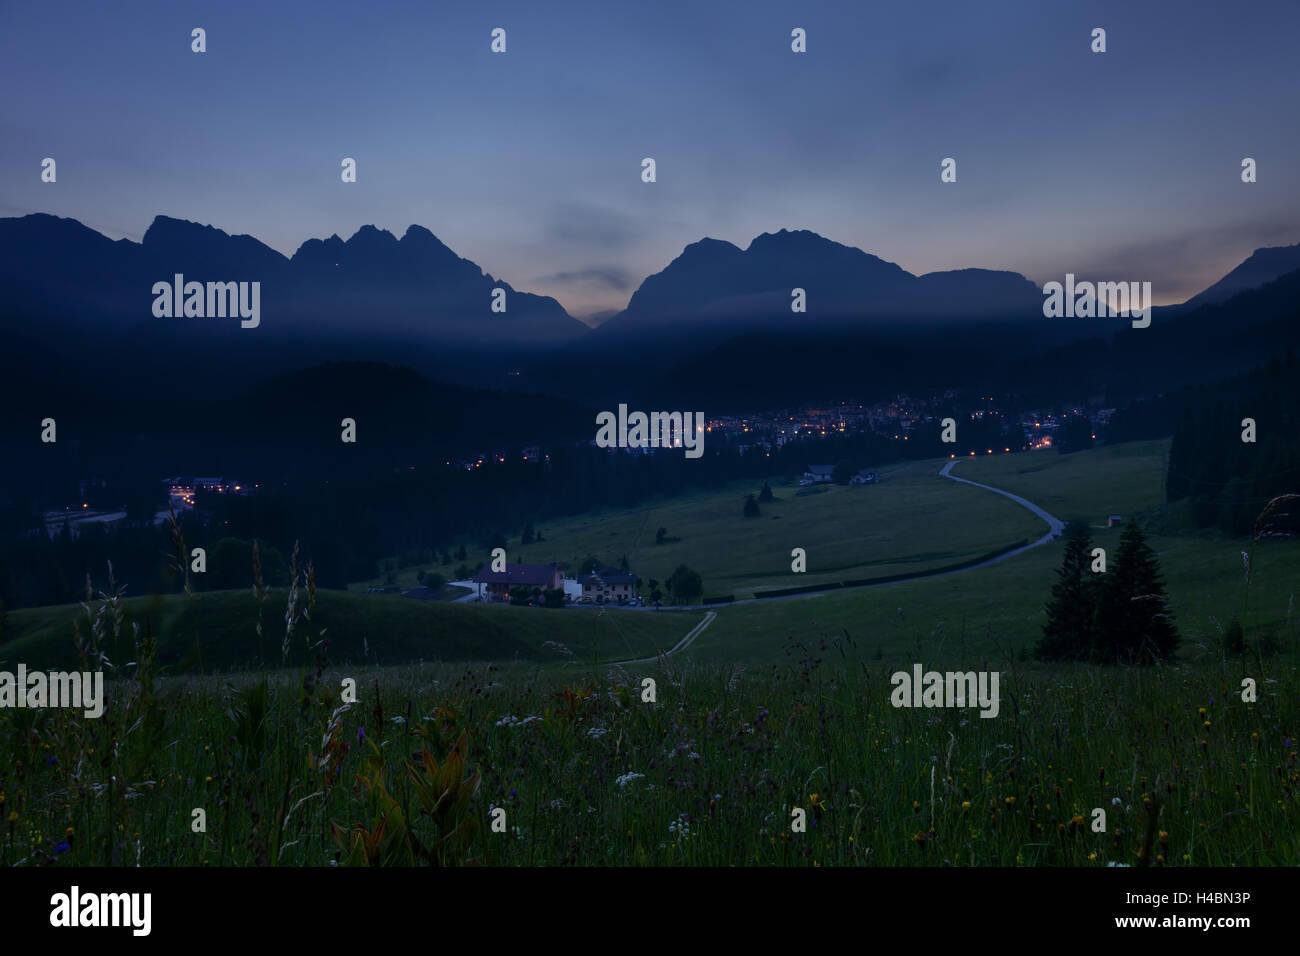 San Martino di Castrozza, evening, meadow, view, mountain range, Forcella di Ceremana, Italy Stock Photo